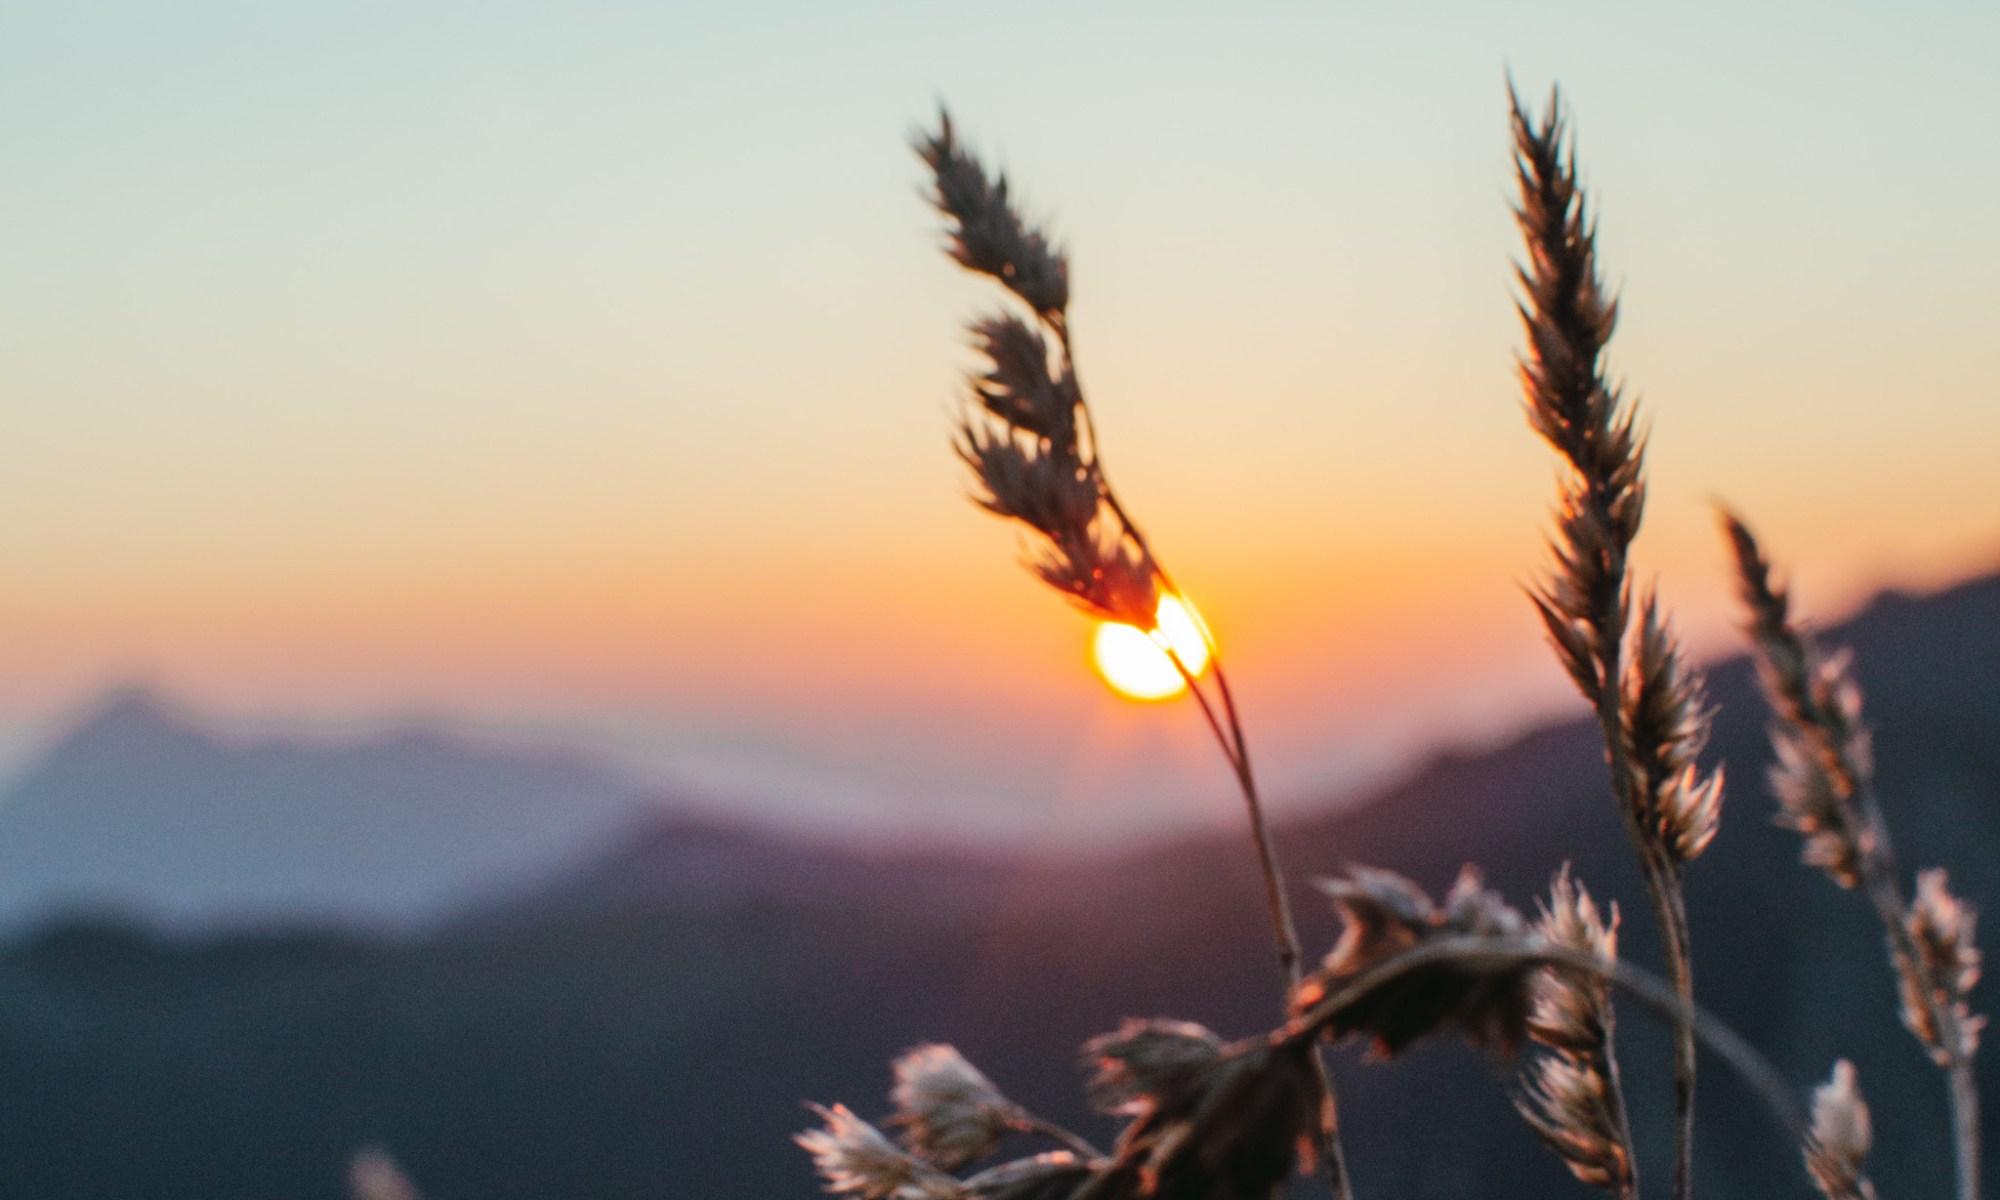 Sonnenaufgang Brecherspitze